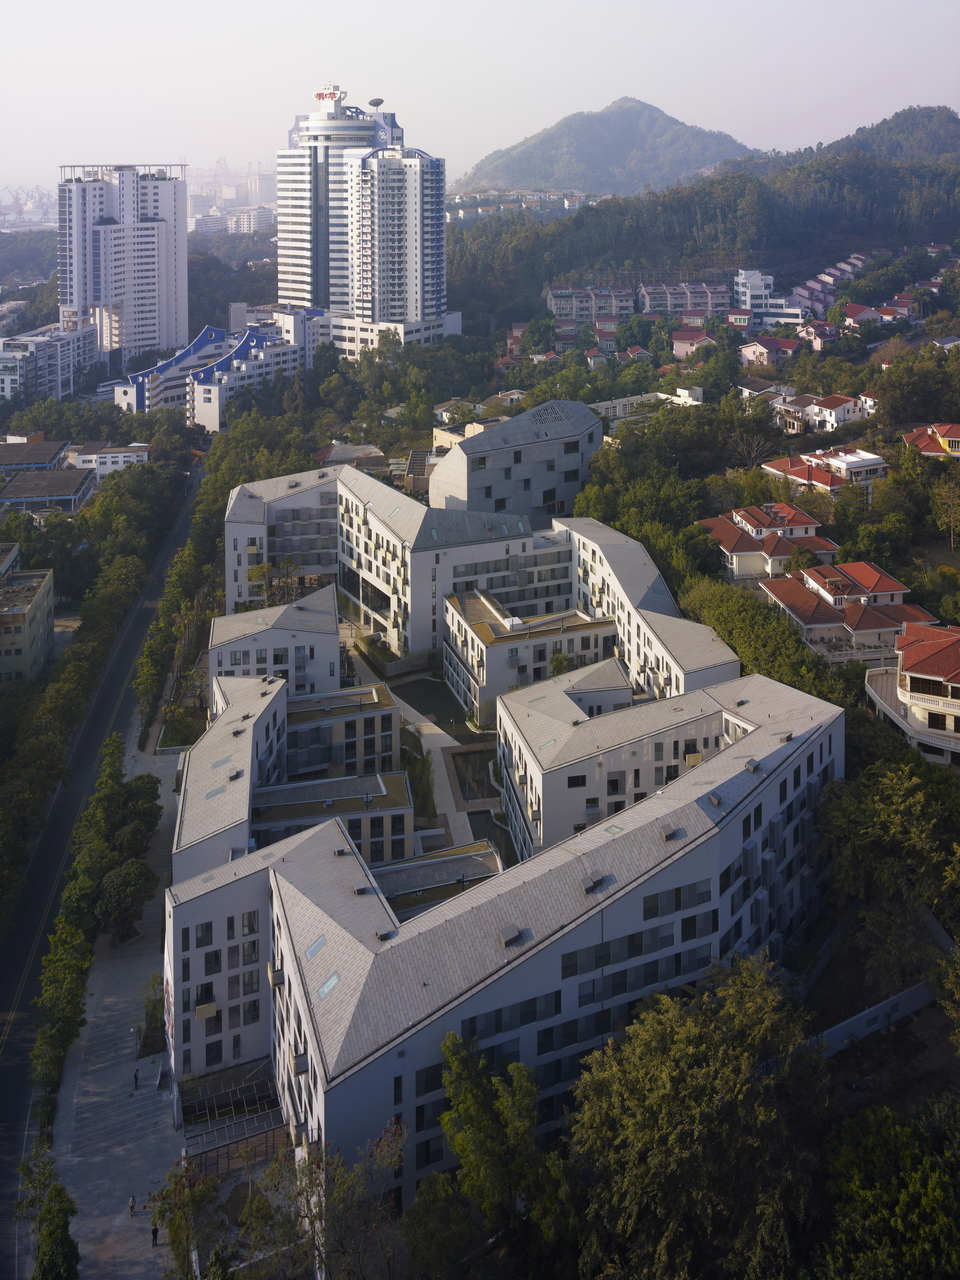 Galeria de maillen hotel apartment urbanus 4 for Appart hotel urban lodge chaudfontaine